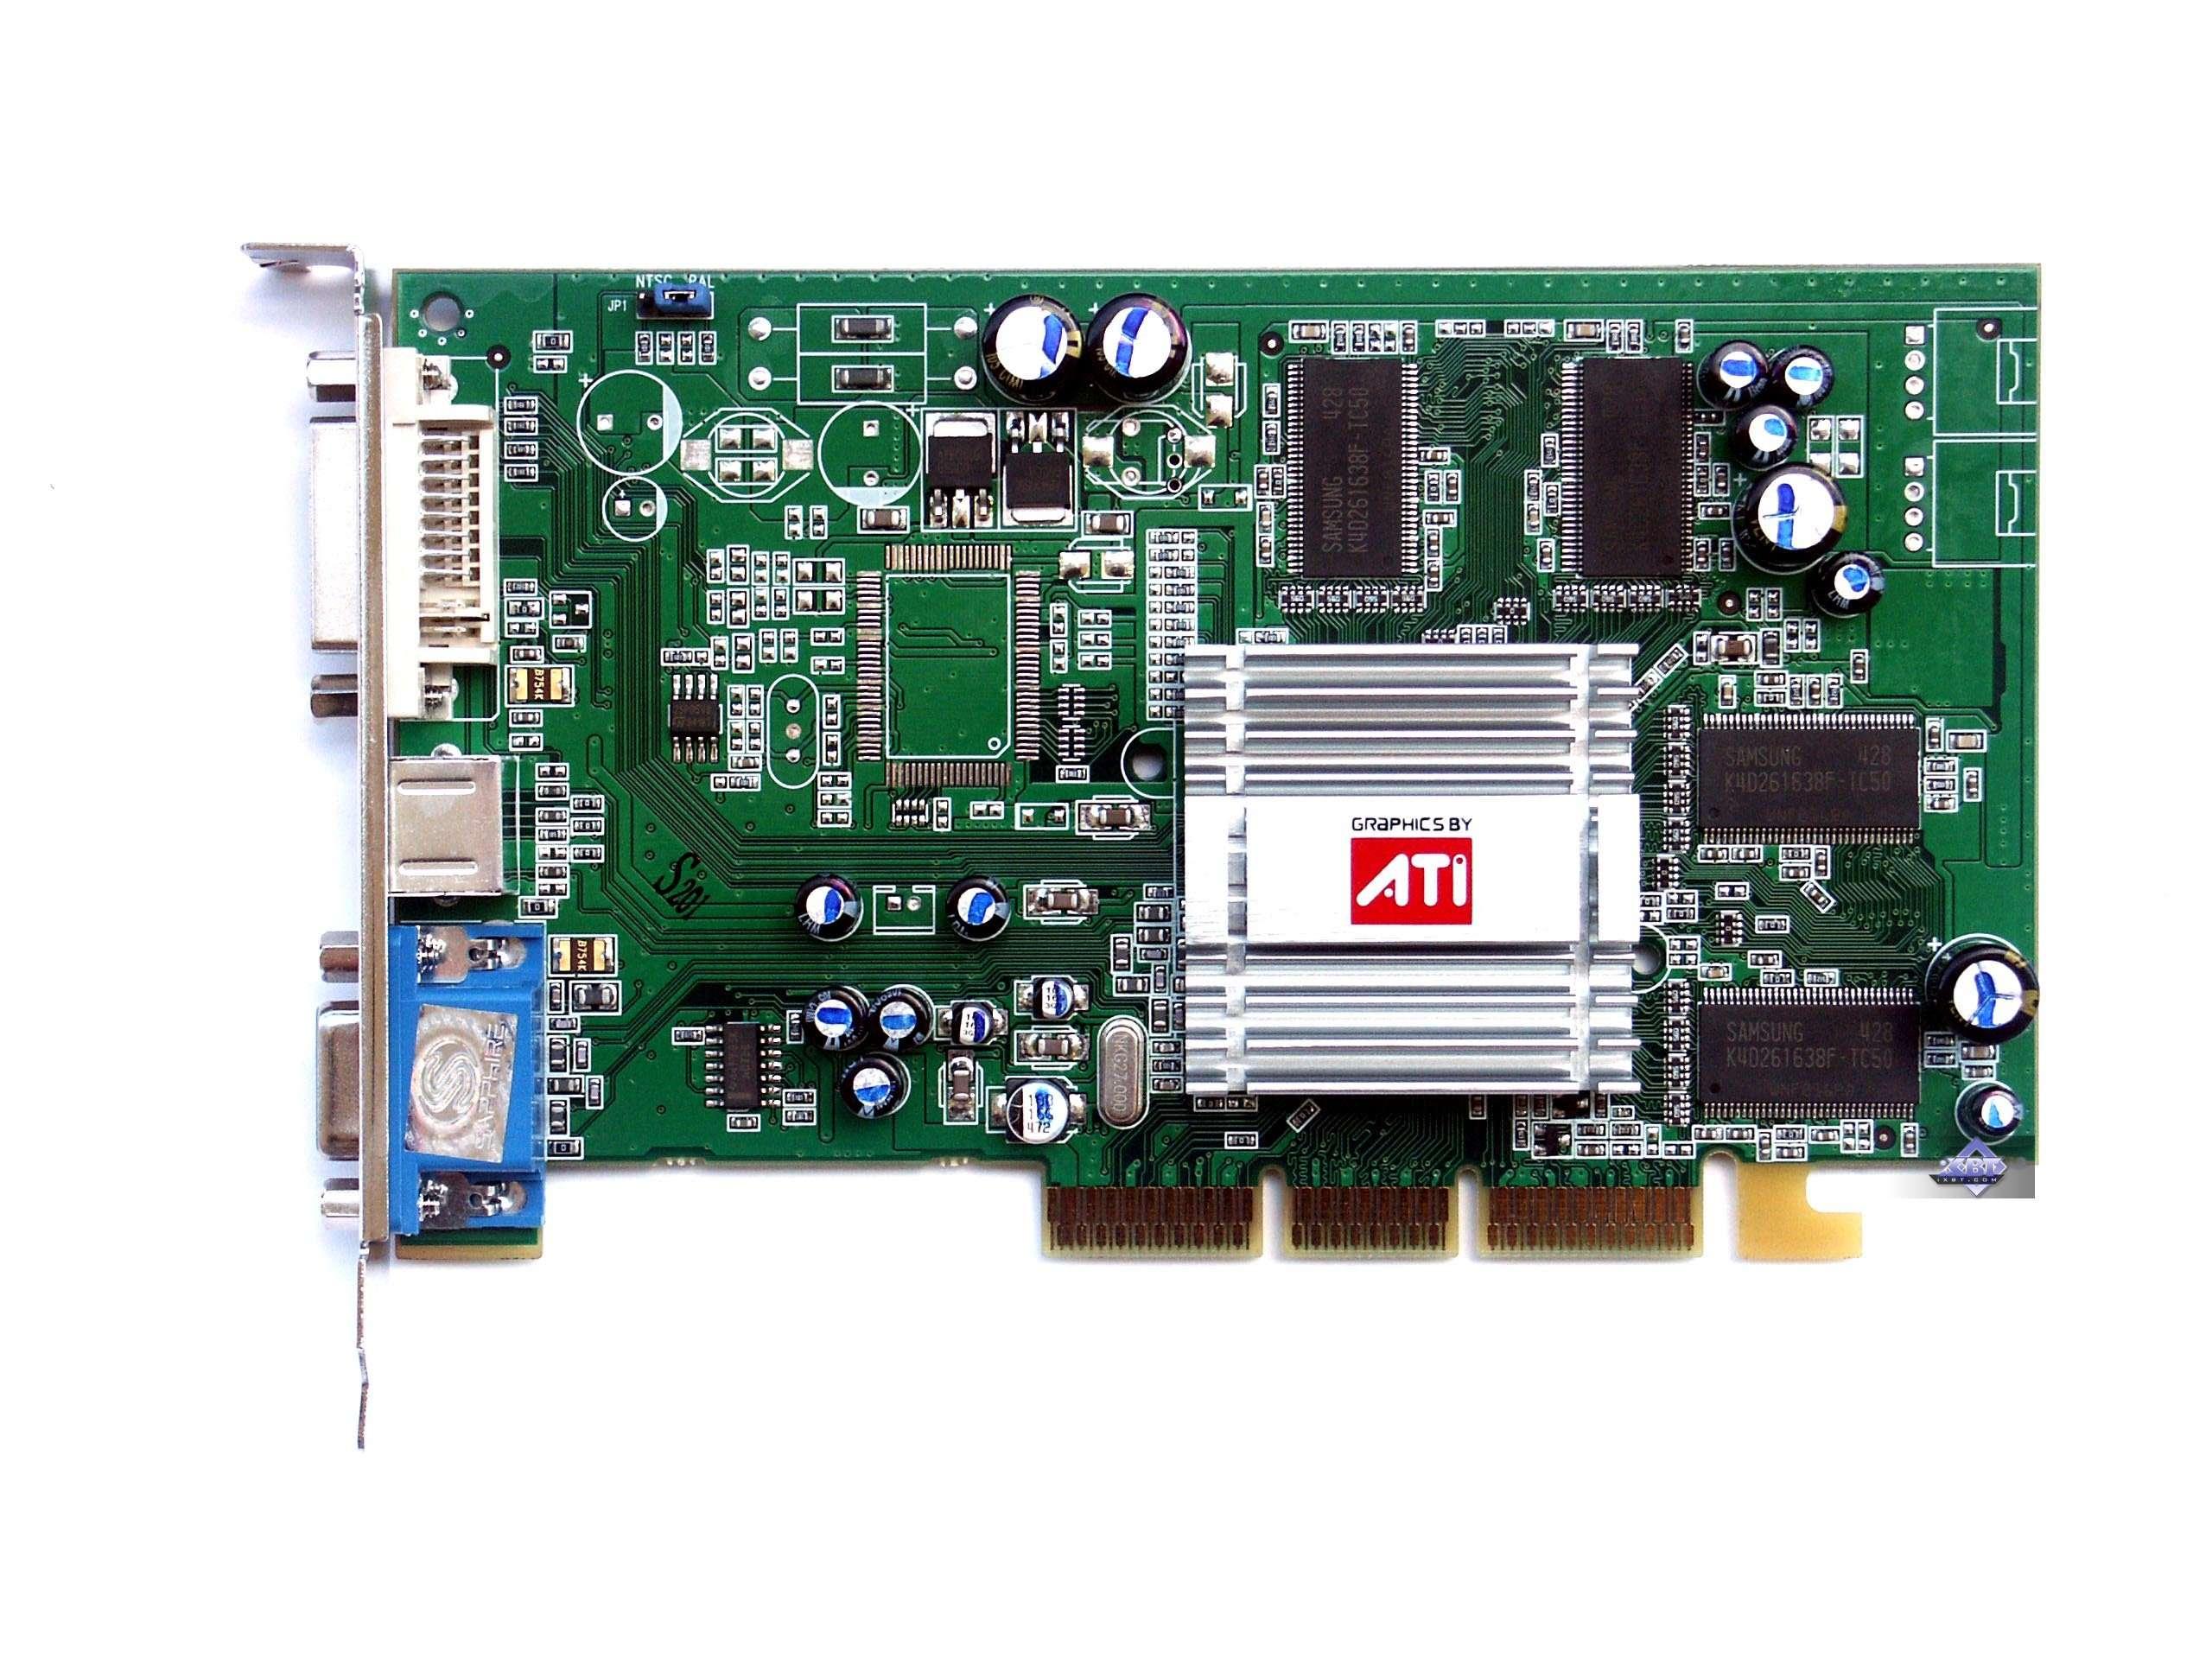 http://www.ixbt.com/video2/images/sapphire-10/sapphire-9250-128bit-scan-front.jpg